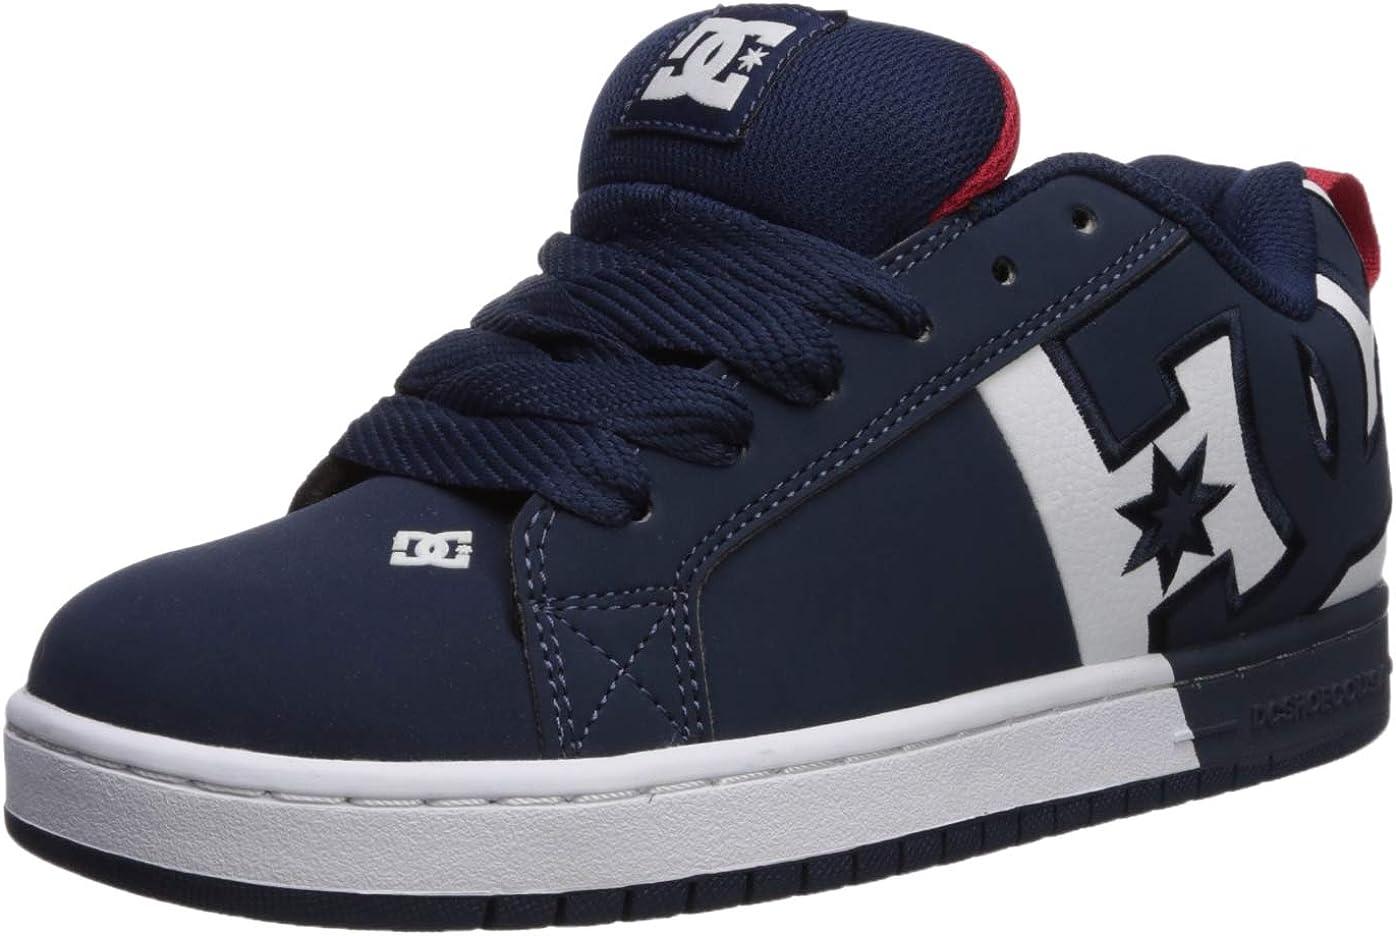 Marineblau   Rot 51 EU DC - Herren Court Graffik SQ Schuhe